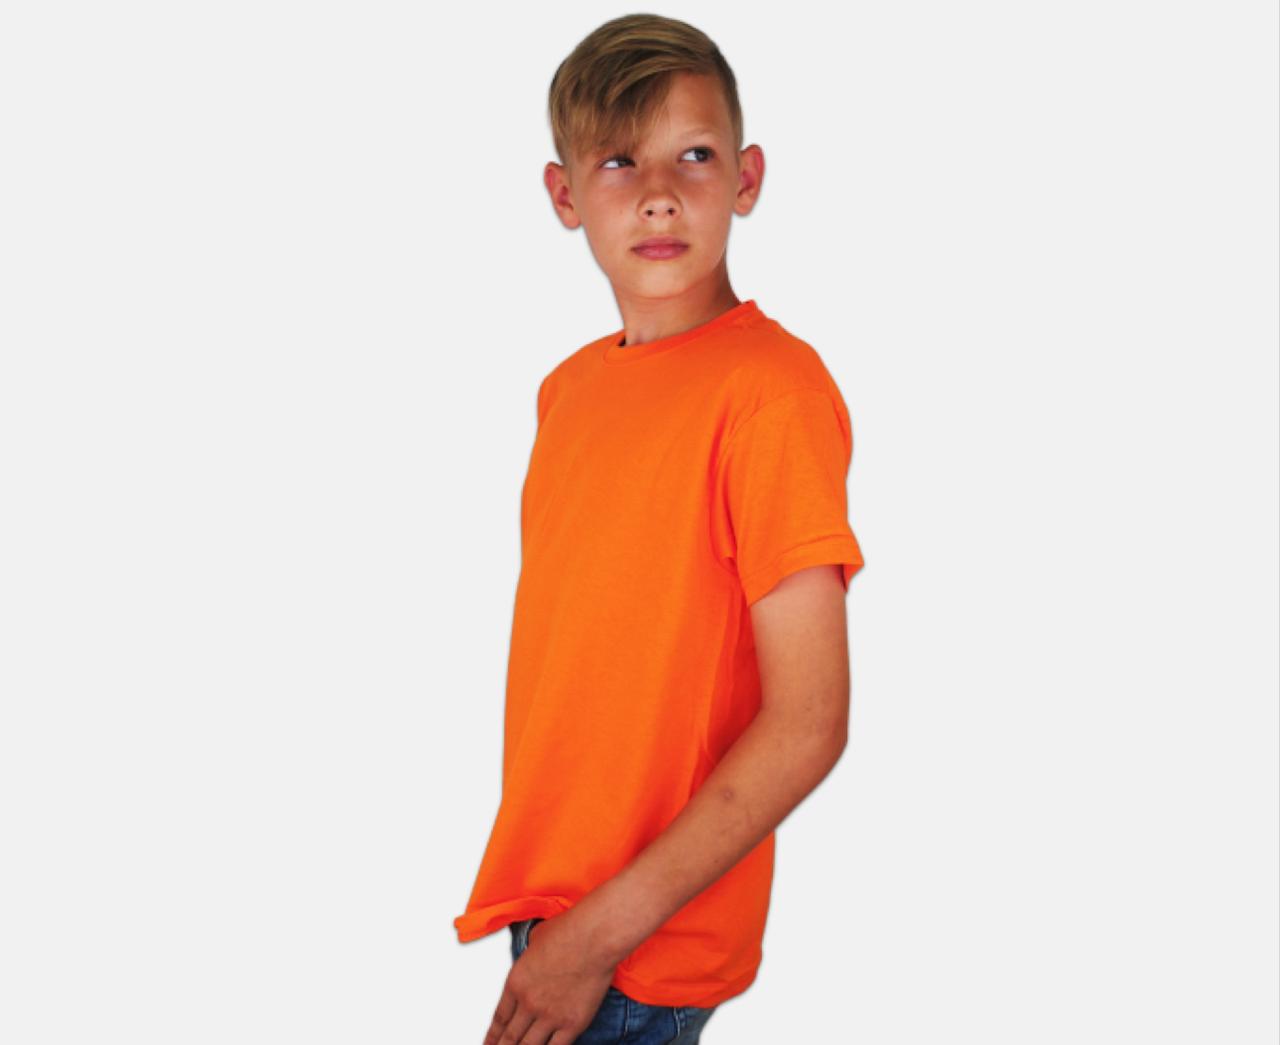 Детская Классическая Футболка для Мальчиков Оранжевая Fruit of the loom 61-033-44 5-6